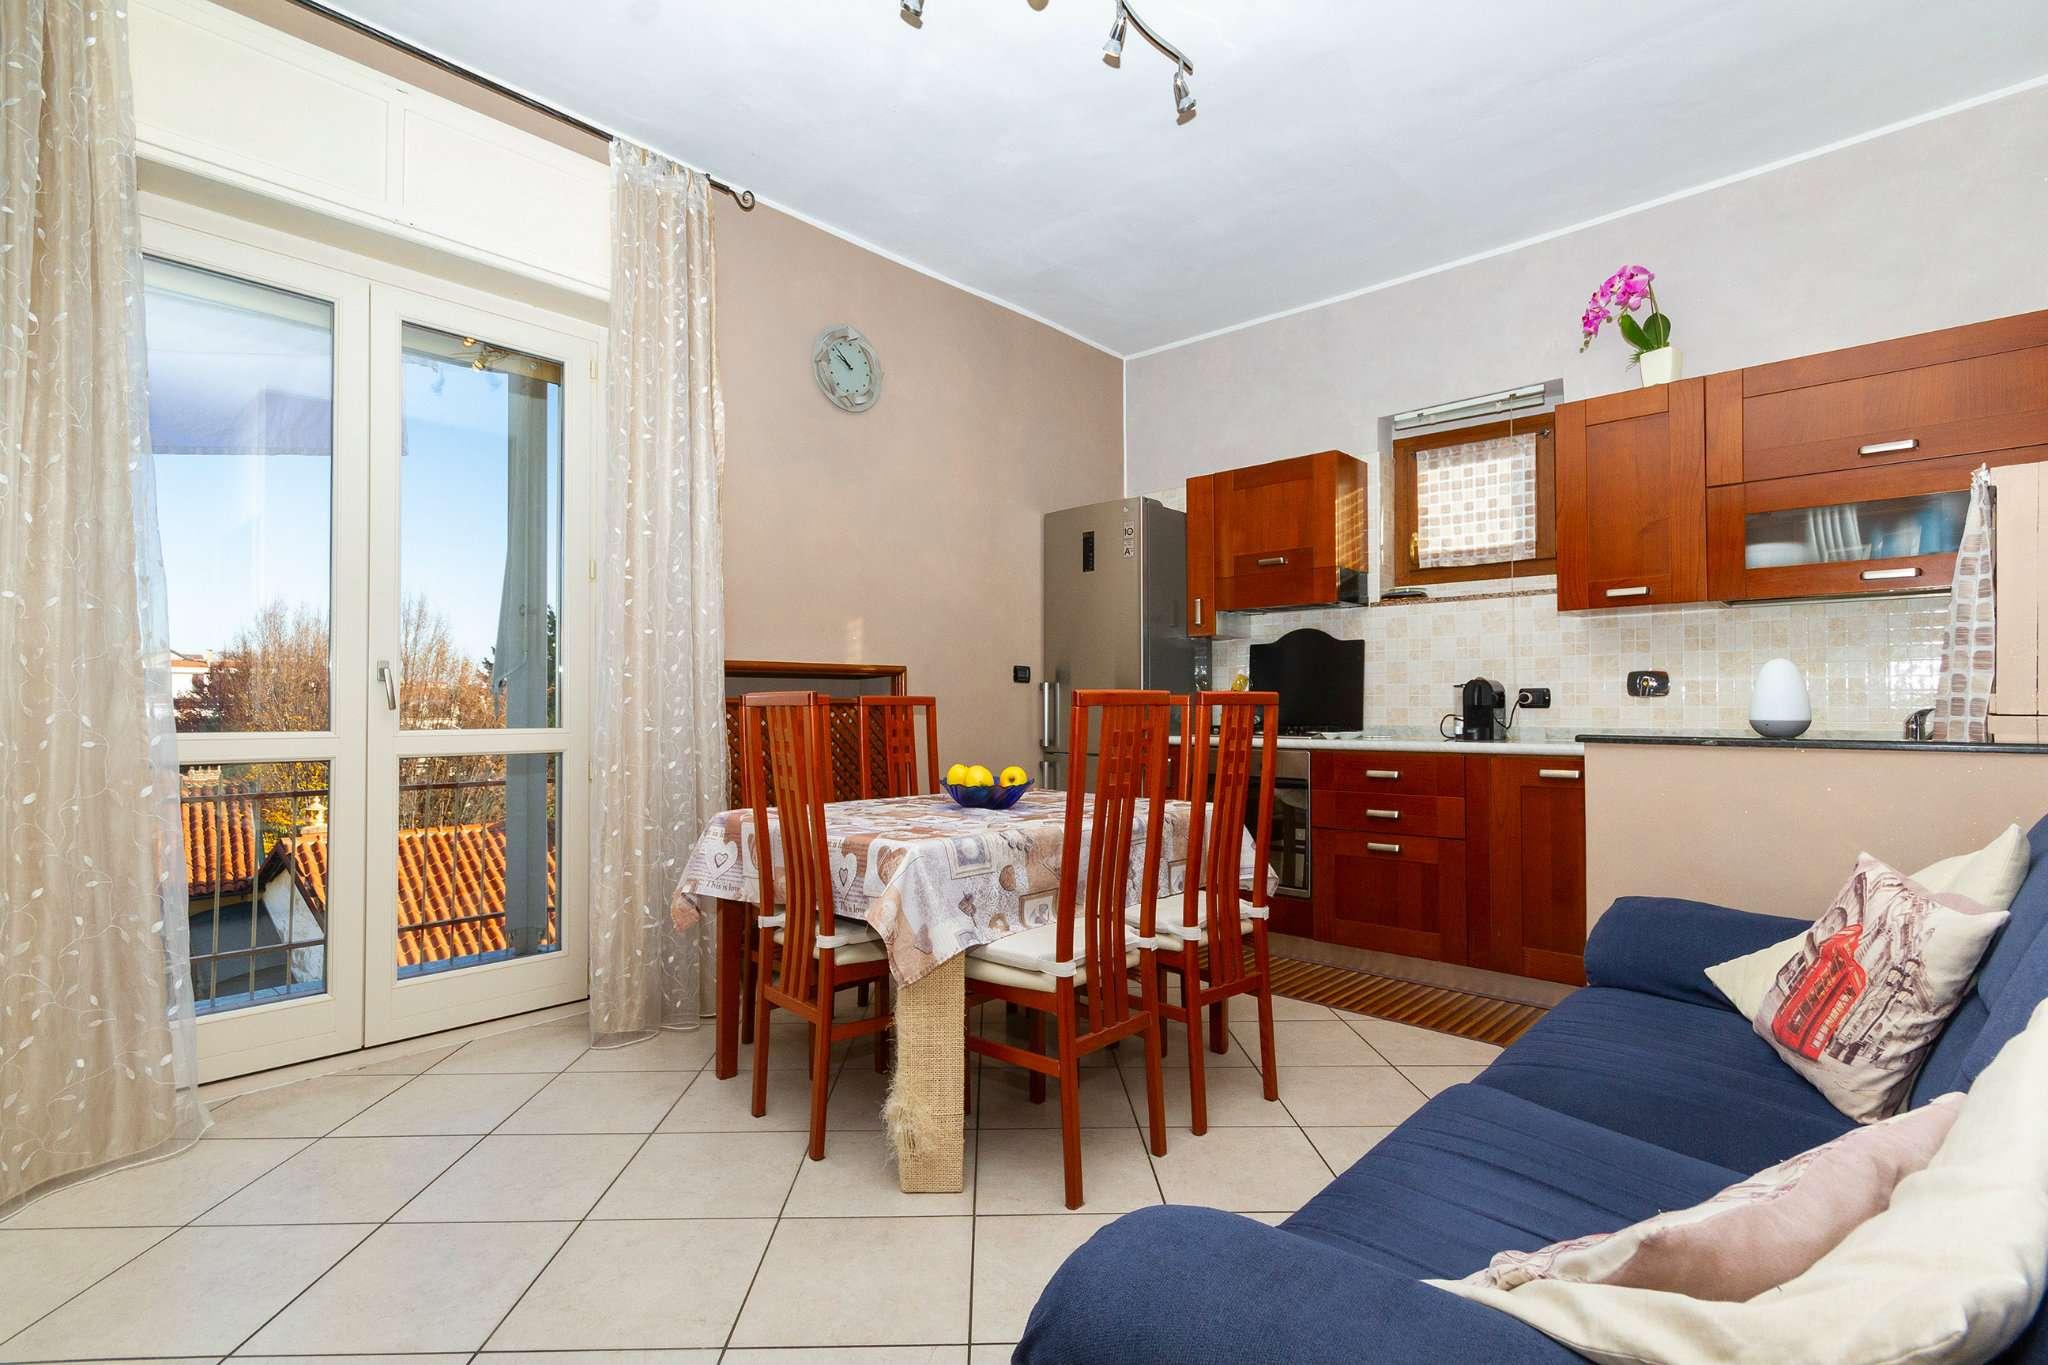 Rivoli Rivoli Vendita APPARTAMENTO >> alloggio in vendita, cercare appartamento a torino